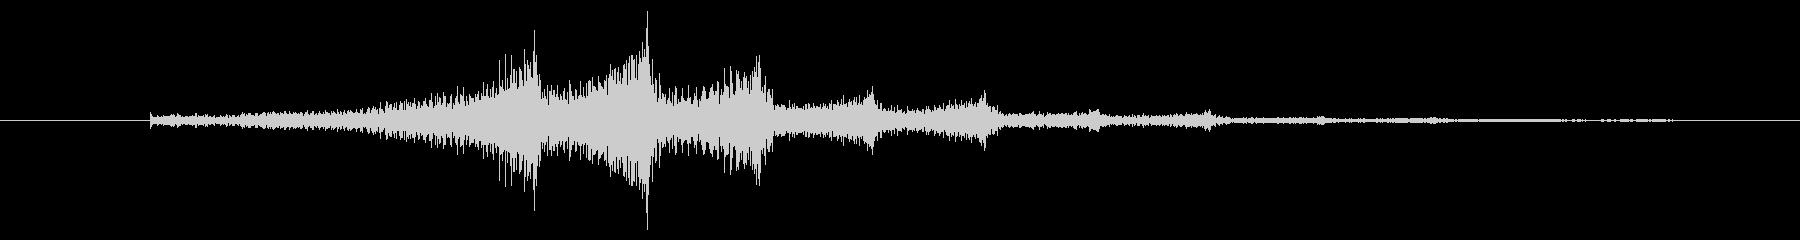 ボワンボワンというホラー系の効果音 の未再生の波形